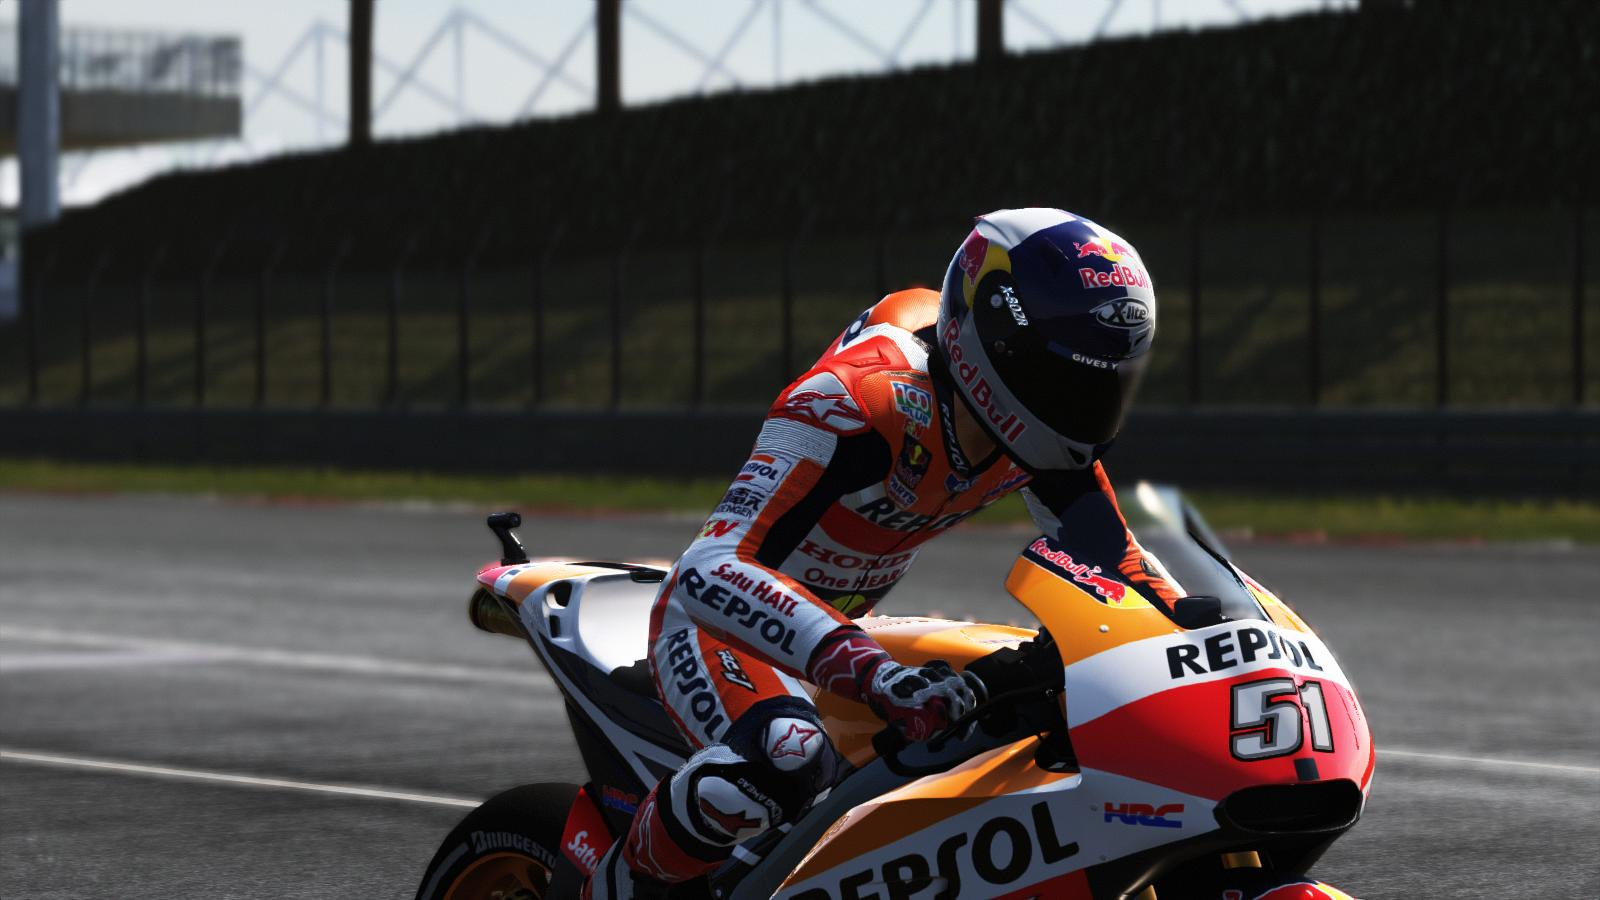 MotoGP15X64 2016-02-08 00-32-59-40.jpg